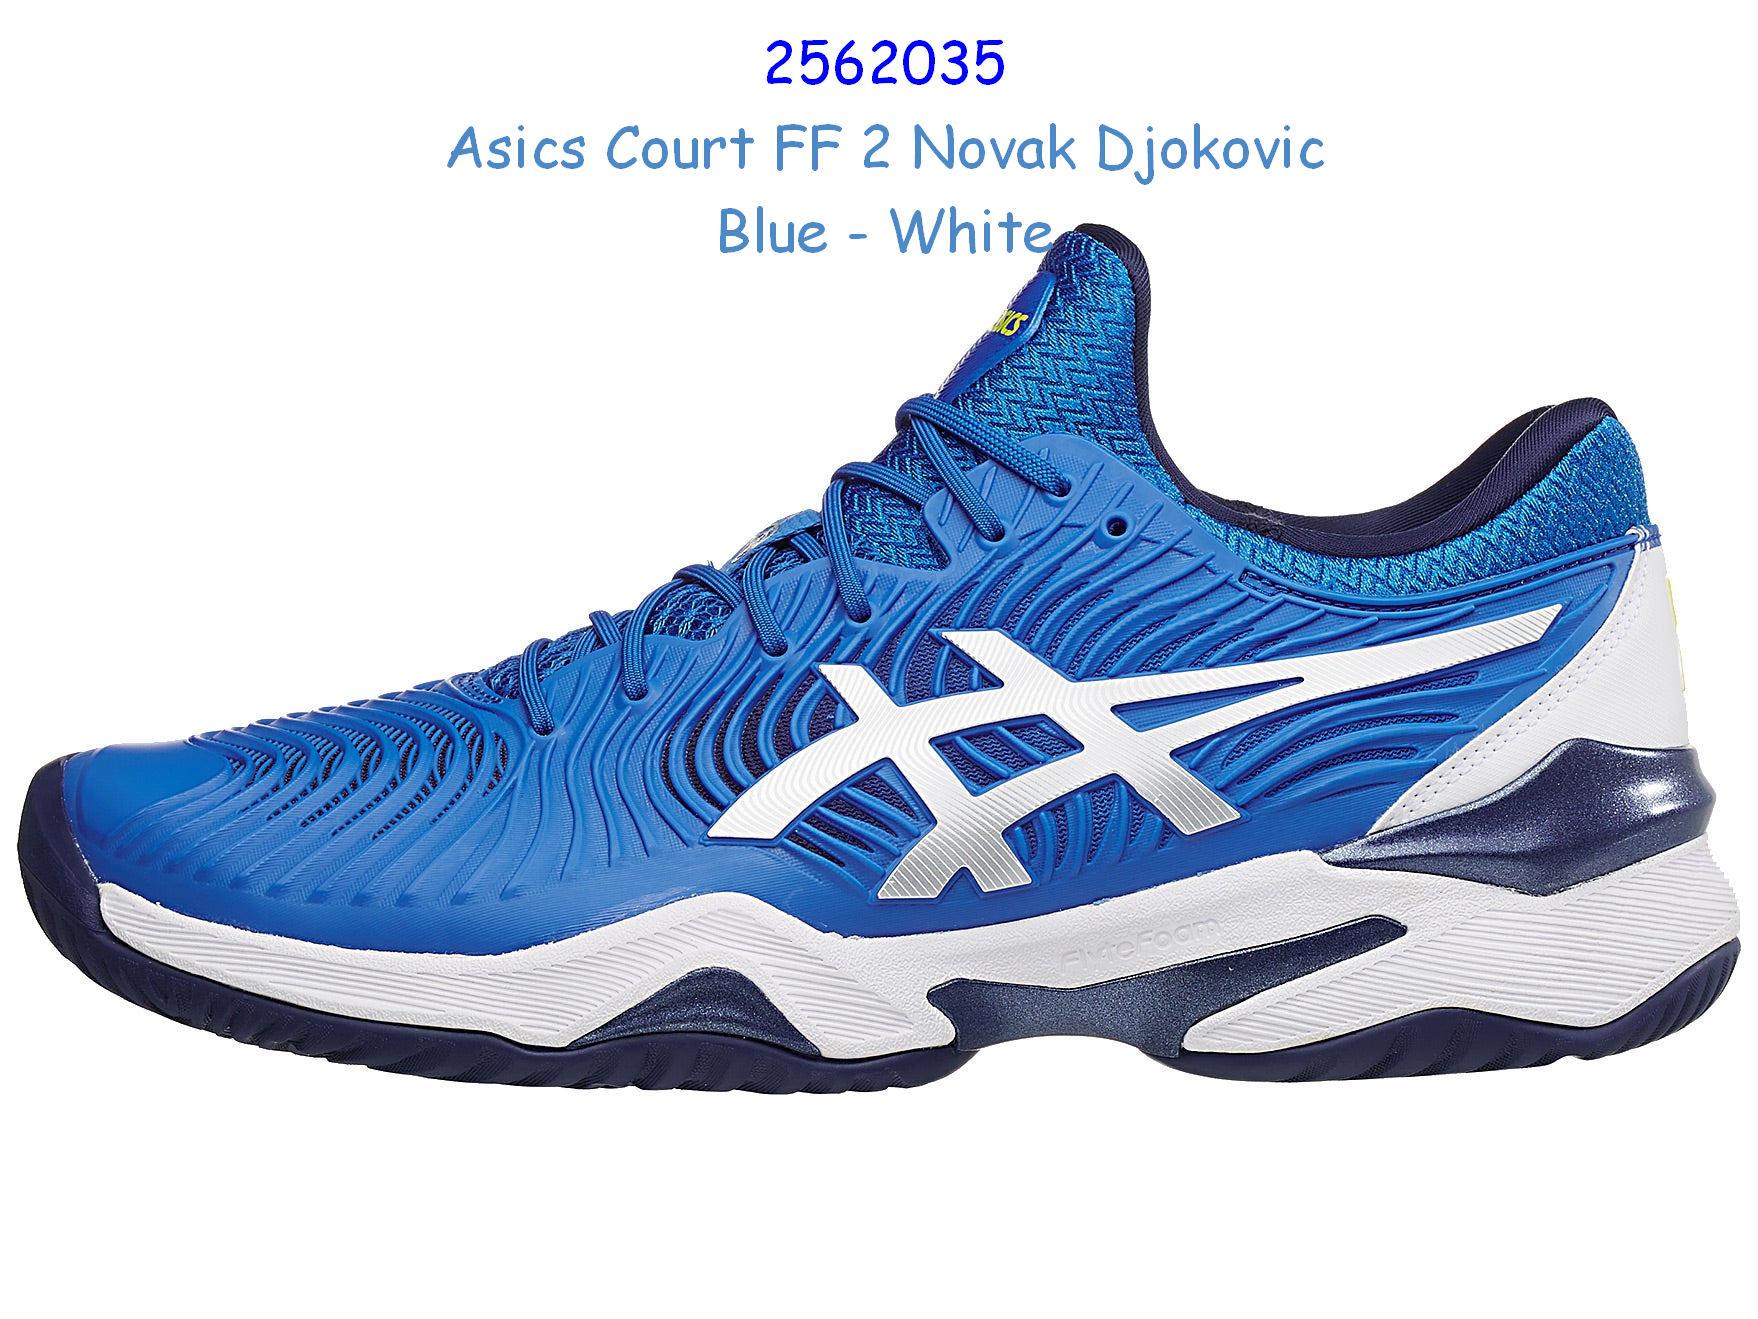 Asics Court Ff 2 Novak Djokovic Blue White Vrhotshot Inspired By Lnwshop Com